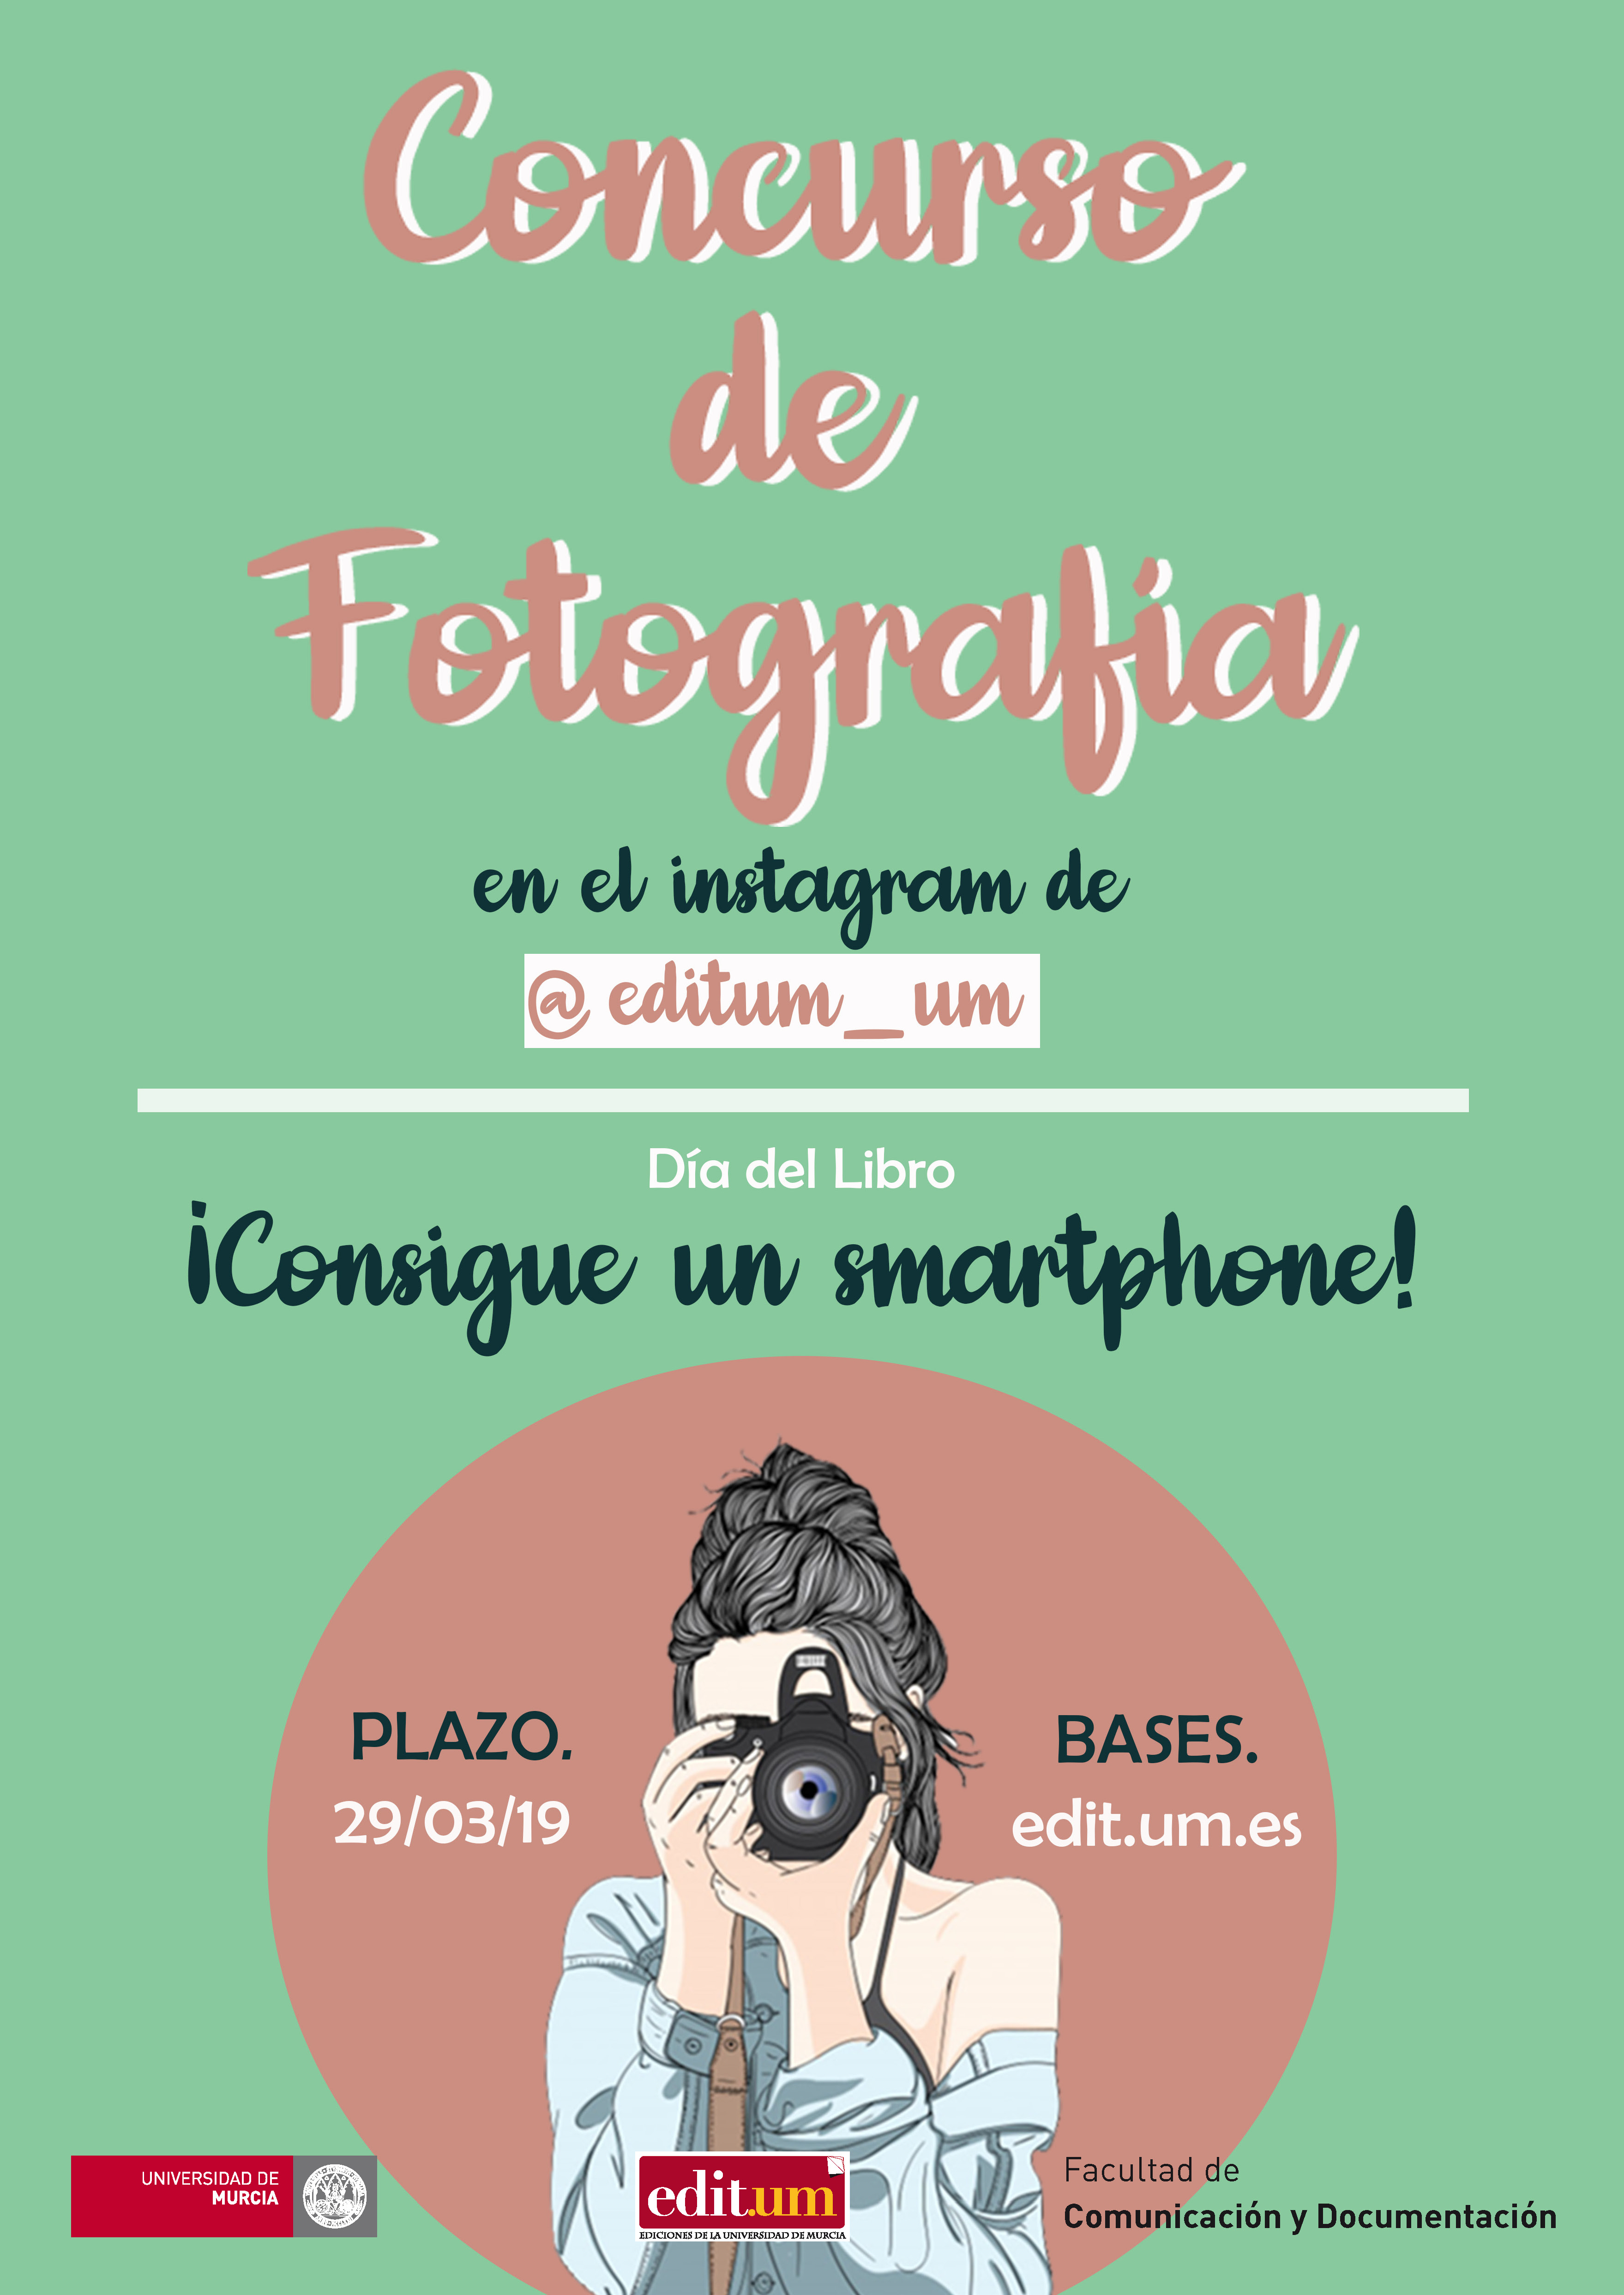 Bases Concurso de Fotografía